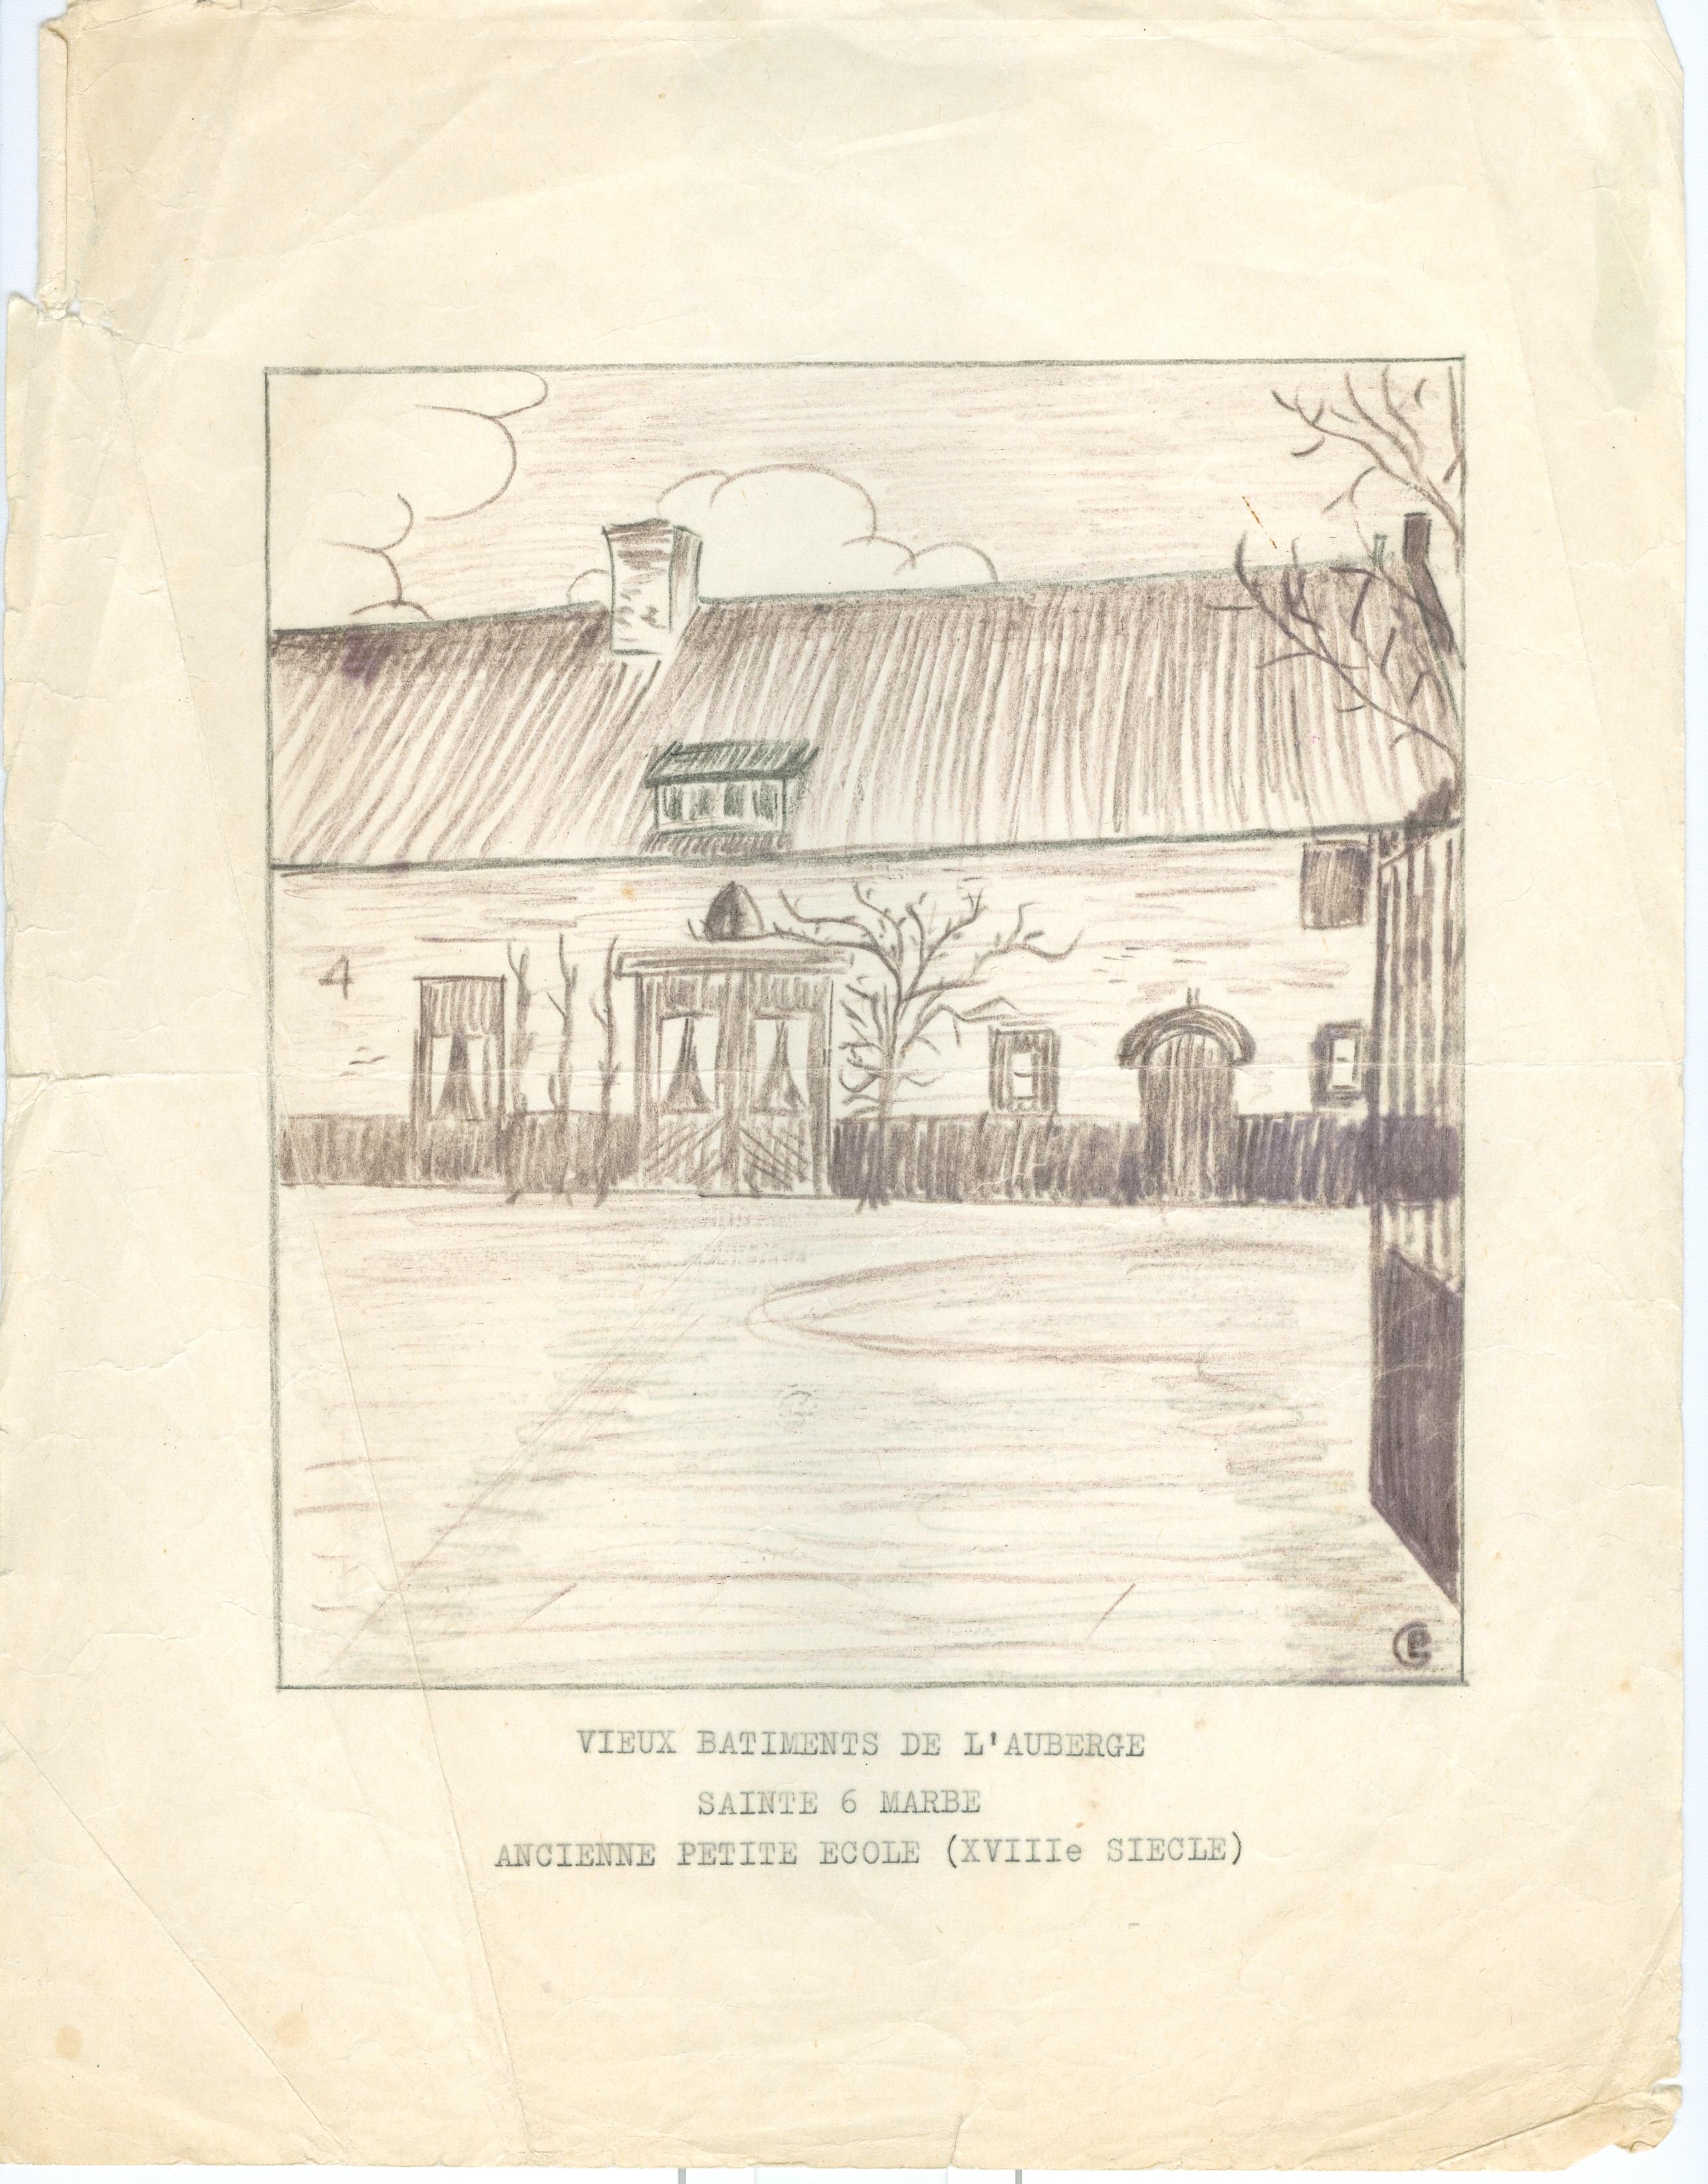 1355. Petite école auberge Ste Barbe croquis par Paul Gilson